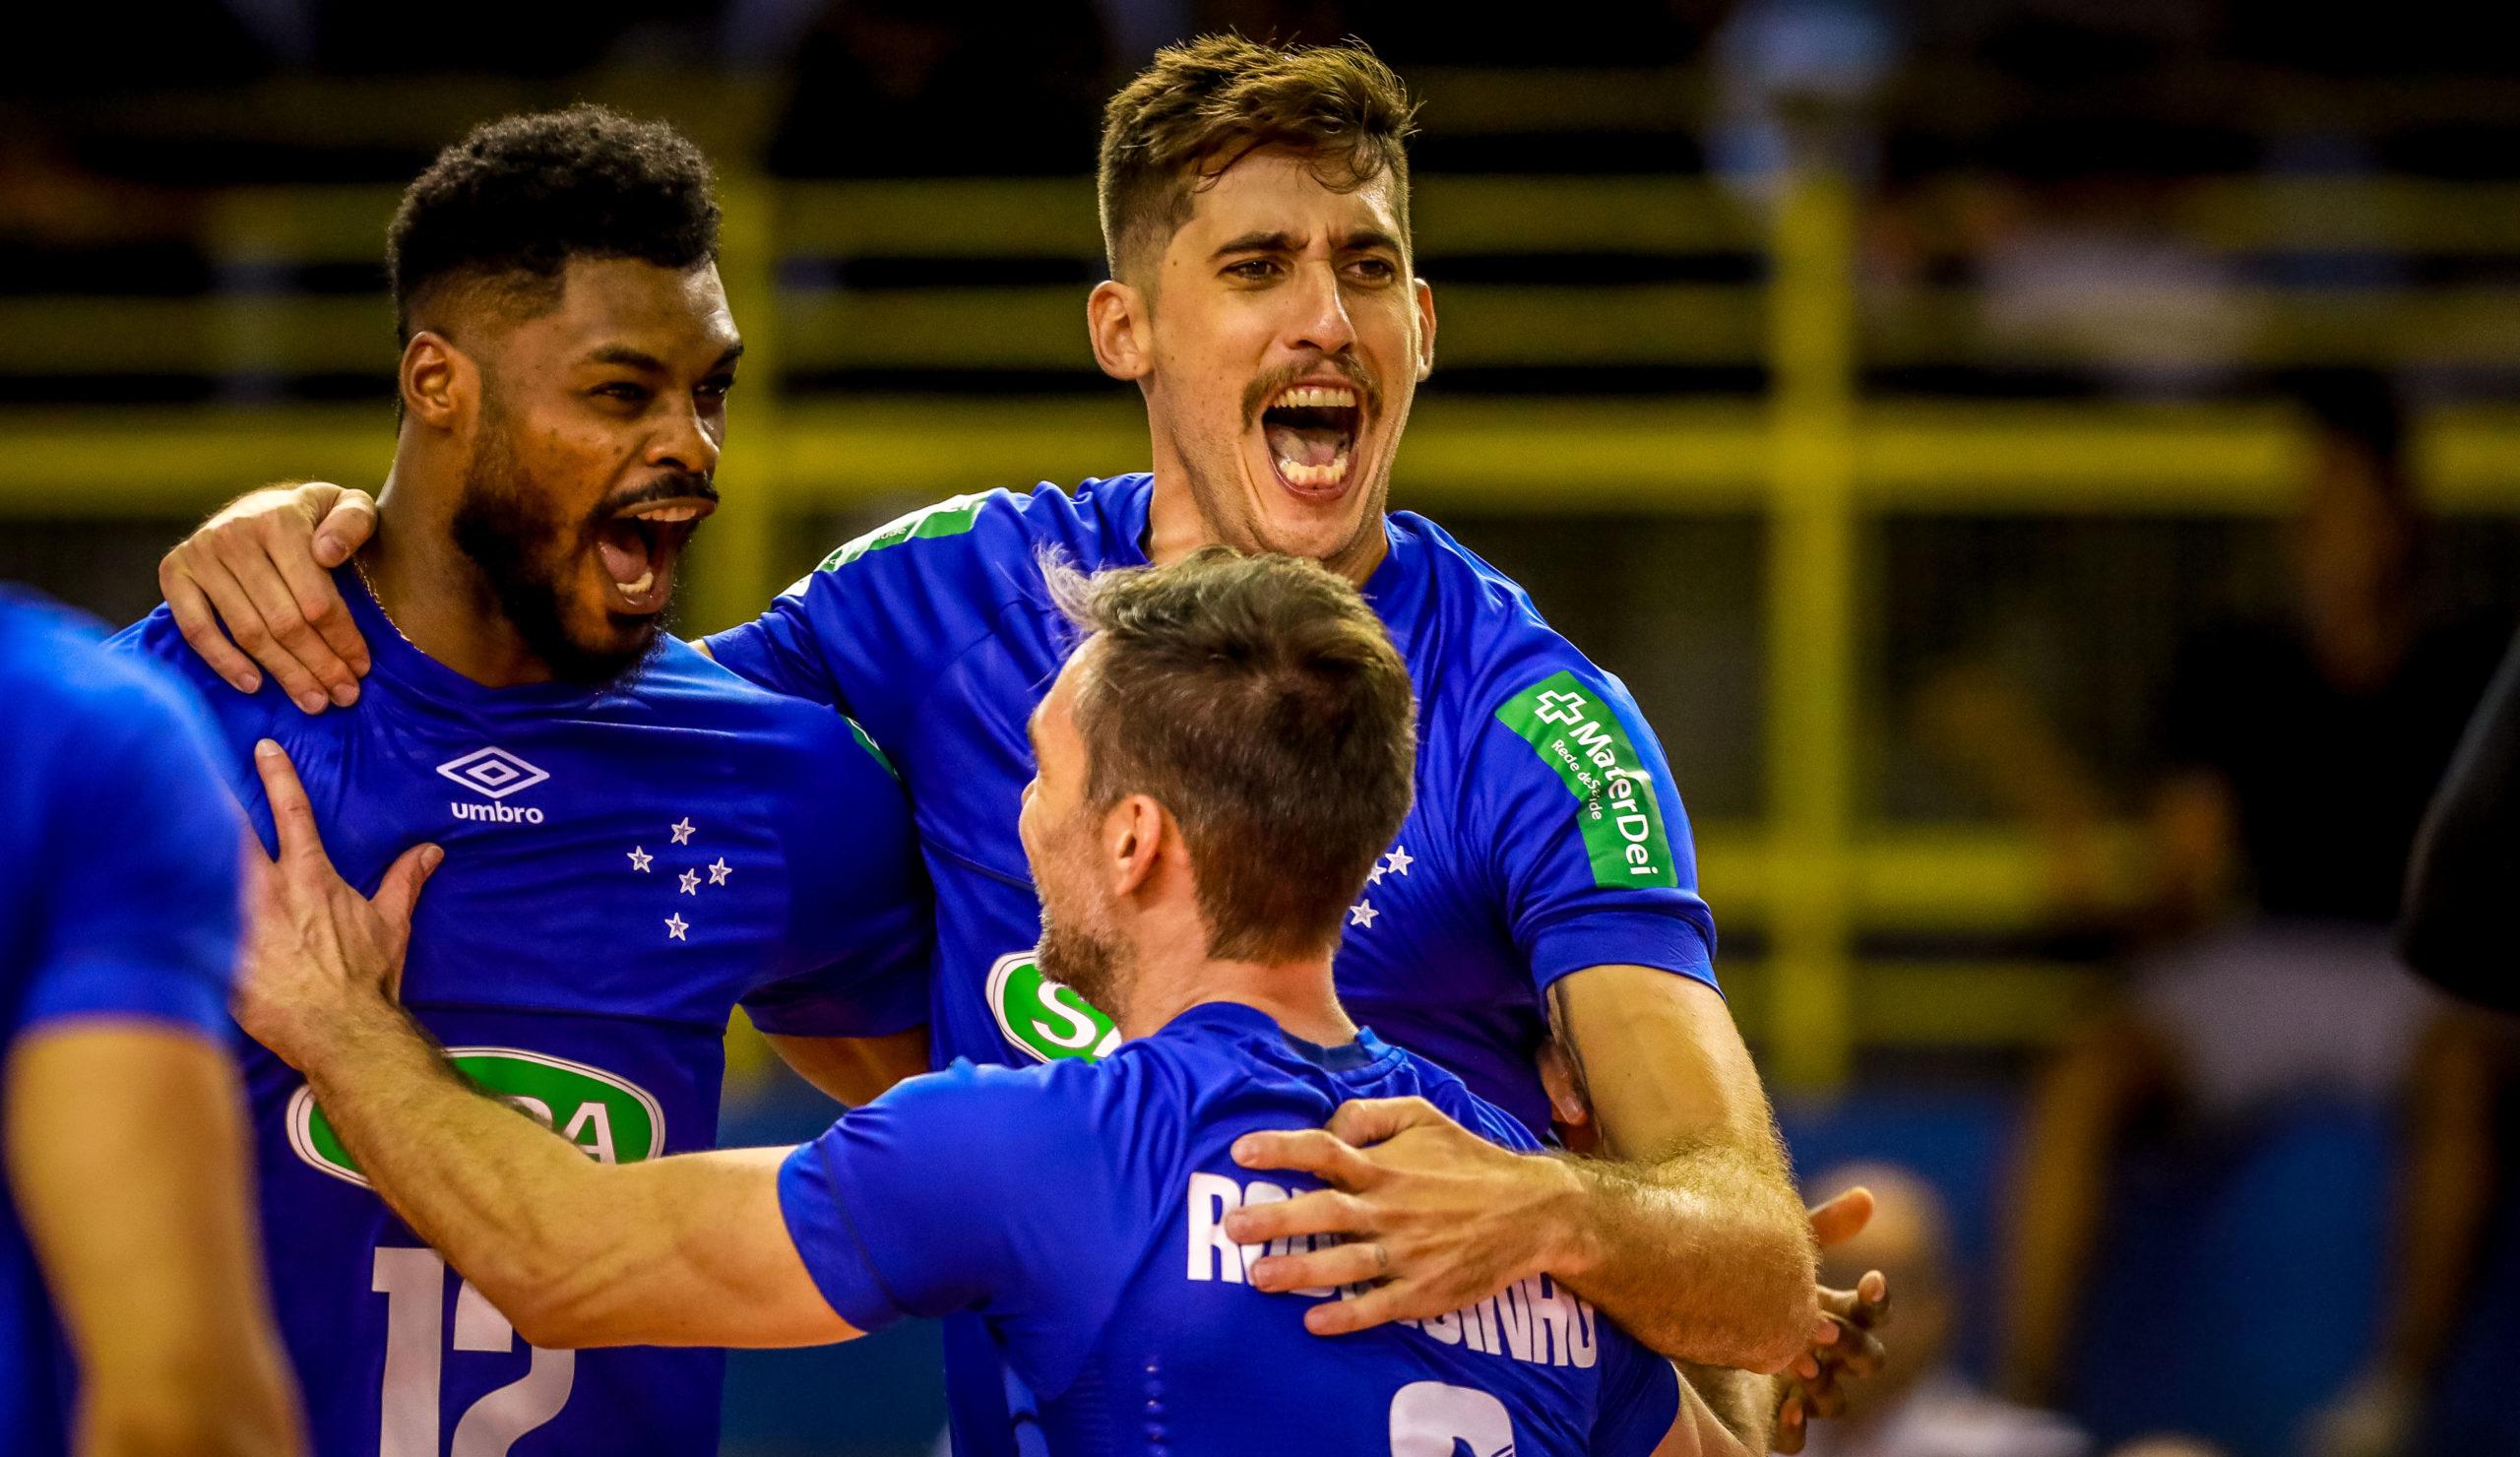 Sada Cruzeiro arrasa o Zenit Kazan e estreia com vitória no Mundial de clubes masculino de vôlei